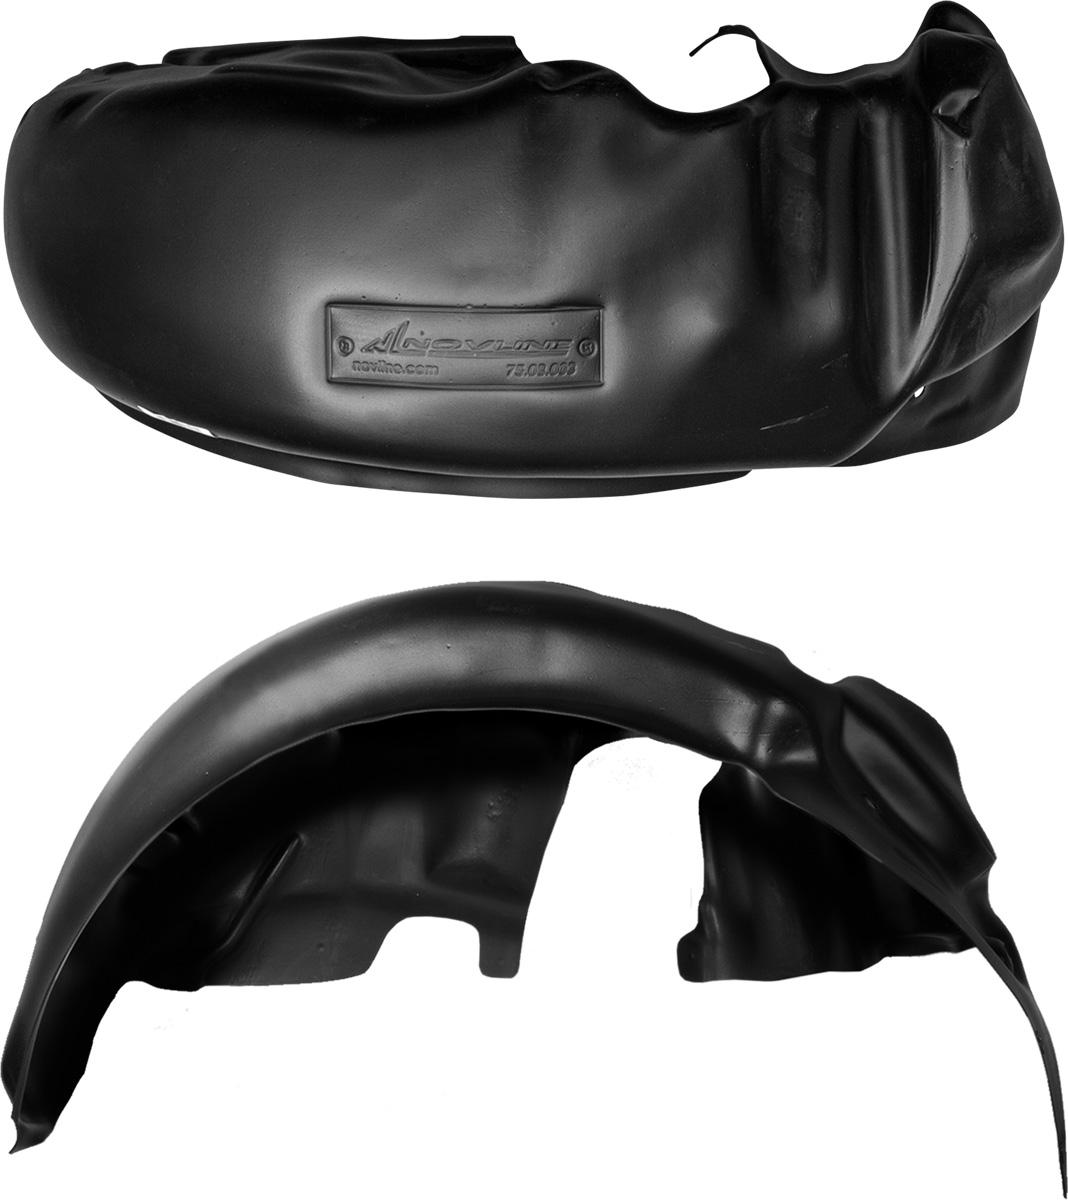 Подкрылок CHEVROLET NIVA 2009-2013, передний левый5104Колесные ниши – одни из самых уязвимых зон днища вашего автомобиля. Они постоянно подвергаются воздействию со стороны дороги. Лучшая, почти абсолютная защита для них - специально отформованные пластиковые кожухи, которые называются подкрылками, или локерами. Производятся они как для отечественных моделей автомобилей, так и для иномарок. Подкрылки выполнены из высококачественного, экологически чистого пластика. Обеспечивают надежную защиту кузова автомобиля от пескоструйного эффекта и негативного влияния, агрессивных антигололедных реагентов. Пластик обладает более низкой теплопроводностью, чем металл, поэтому в зимний период эксплуатации использование пластиковых подкрылков позволяет лучше защитить колесные ниши от налипания снега и образования наледи. Оригинальность конструкции подчеркивает элегантность автомобиля, бережно защищает нанесенное на днище кузова антикоррозийное покрытие и позволяет осуществить крепление подкрылков внутри колесной арки практически без дополнительного крепежа и сверления, не нарушая при этом лакокрасочного покрытия, что предотвращает возникновение новых очагов коррозии. Технология крепления подкрылков на иномарки принципиально отличается от крепления на российские автомобили и разрабатывается индивидуально для каждой модели автомобиля. Подкрылки долговечны, обладают высокой прочностью и сохраняют заданную форму, а также все свои физико-механические характеристики в самых тяжелых климатических условиях ( от -50° С до + 50° С).